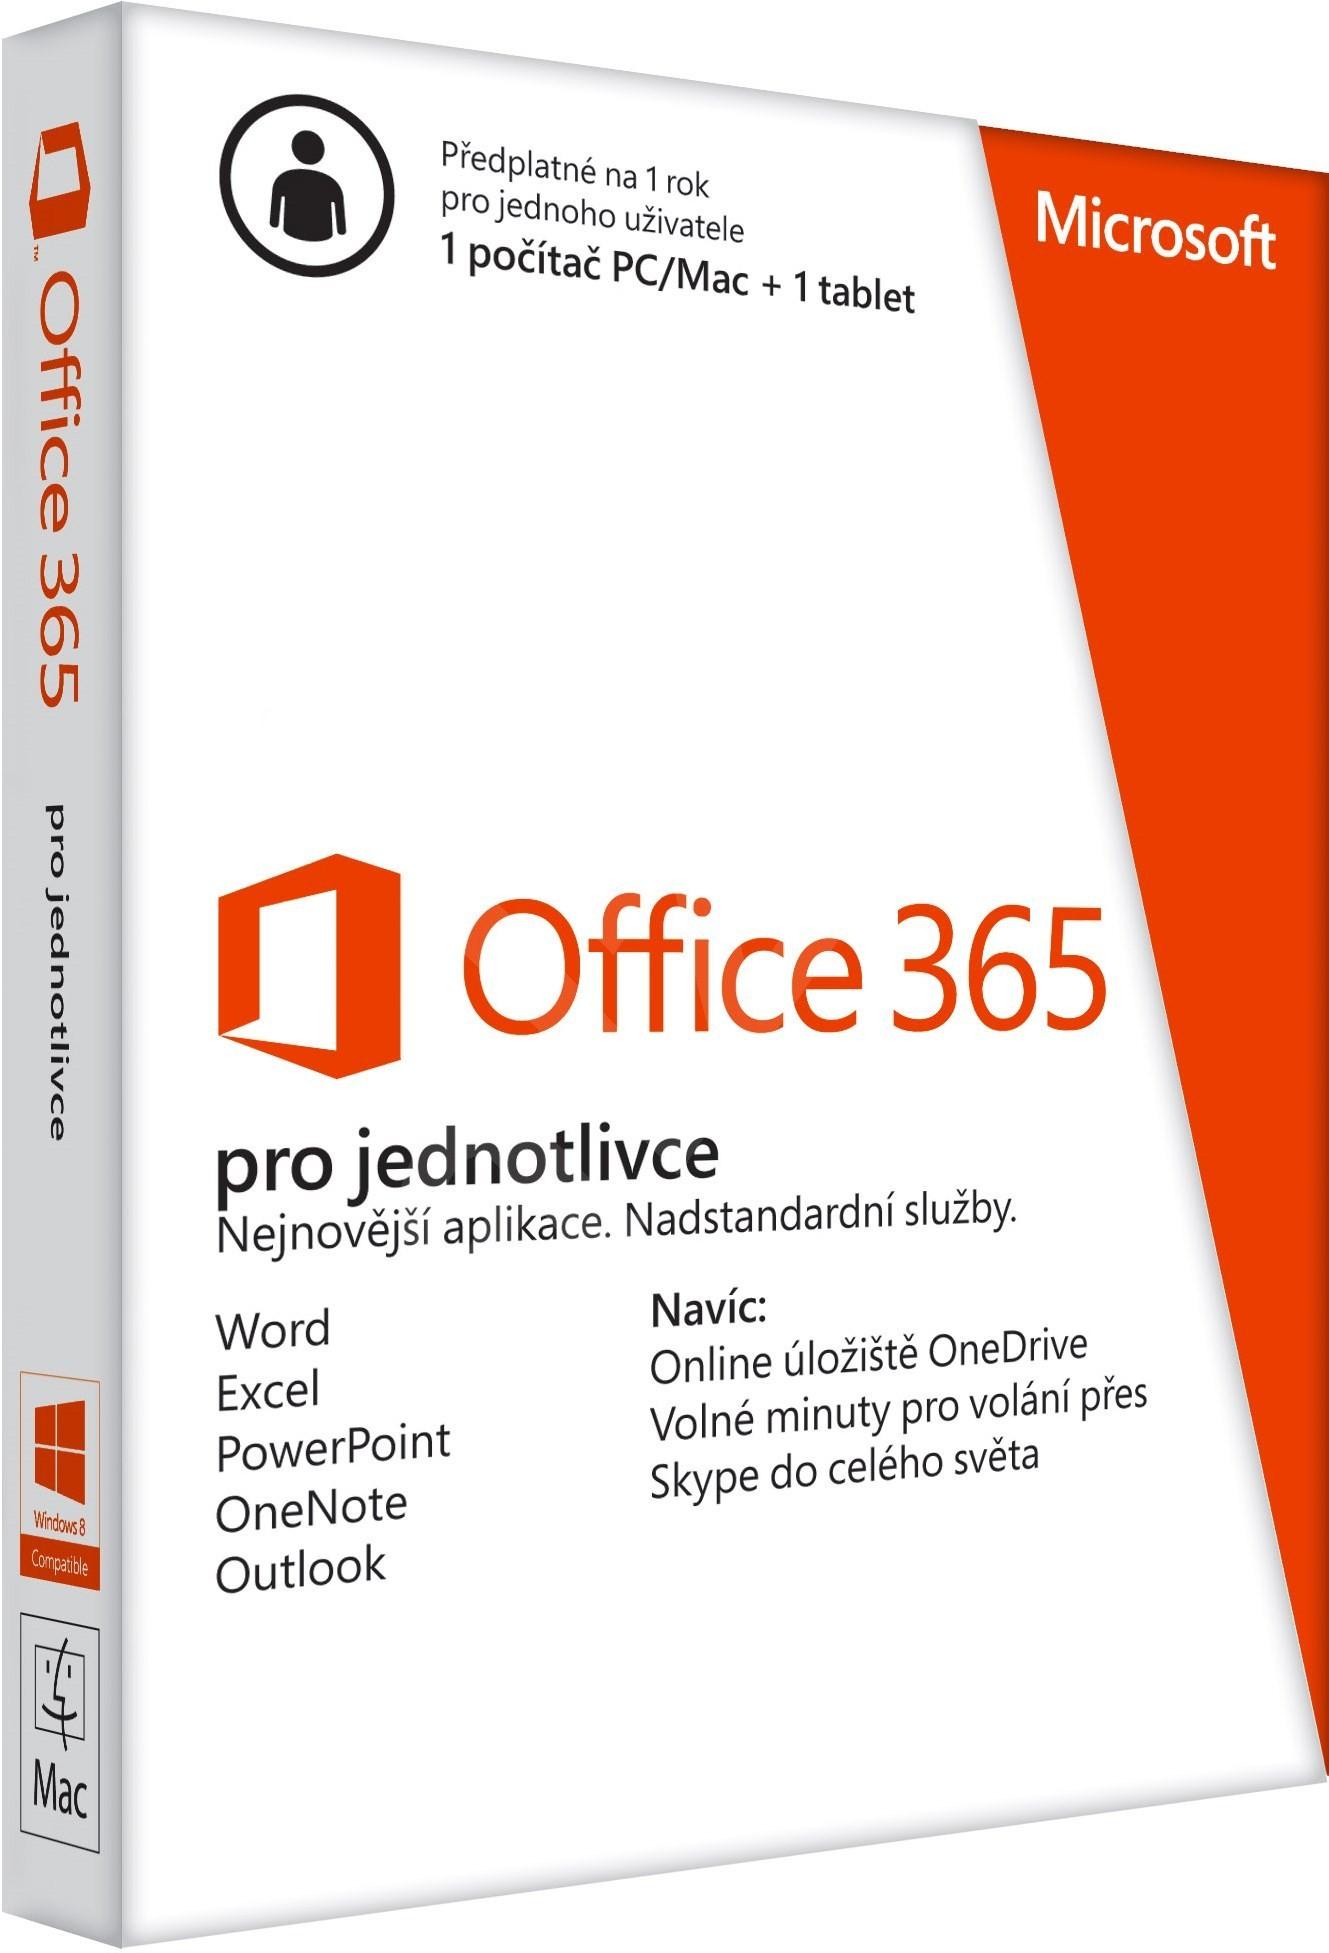 Microsoft Office 365 pre jednotlivcov - predplatné na 1 rok